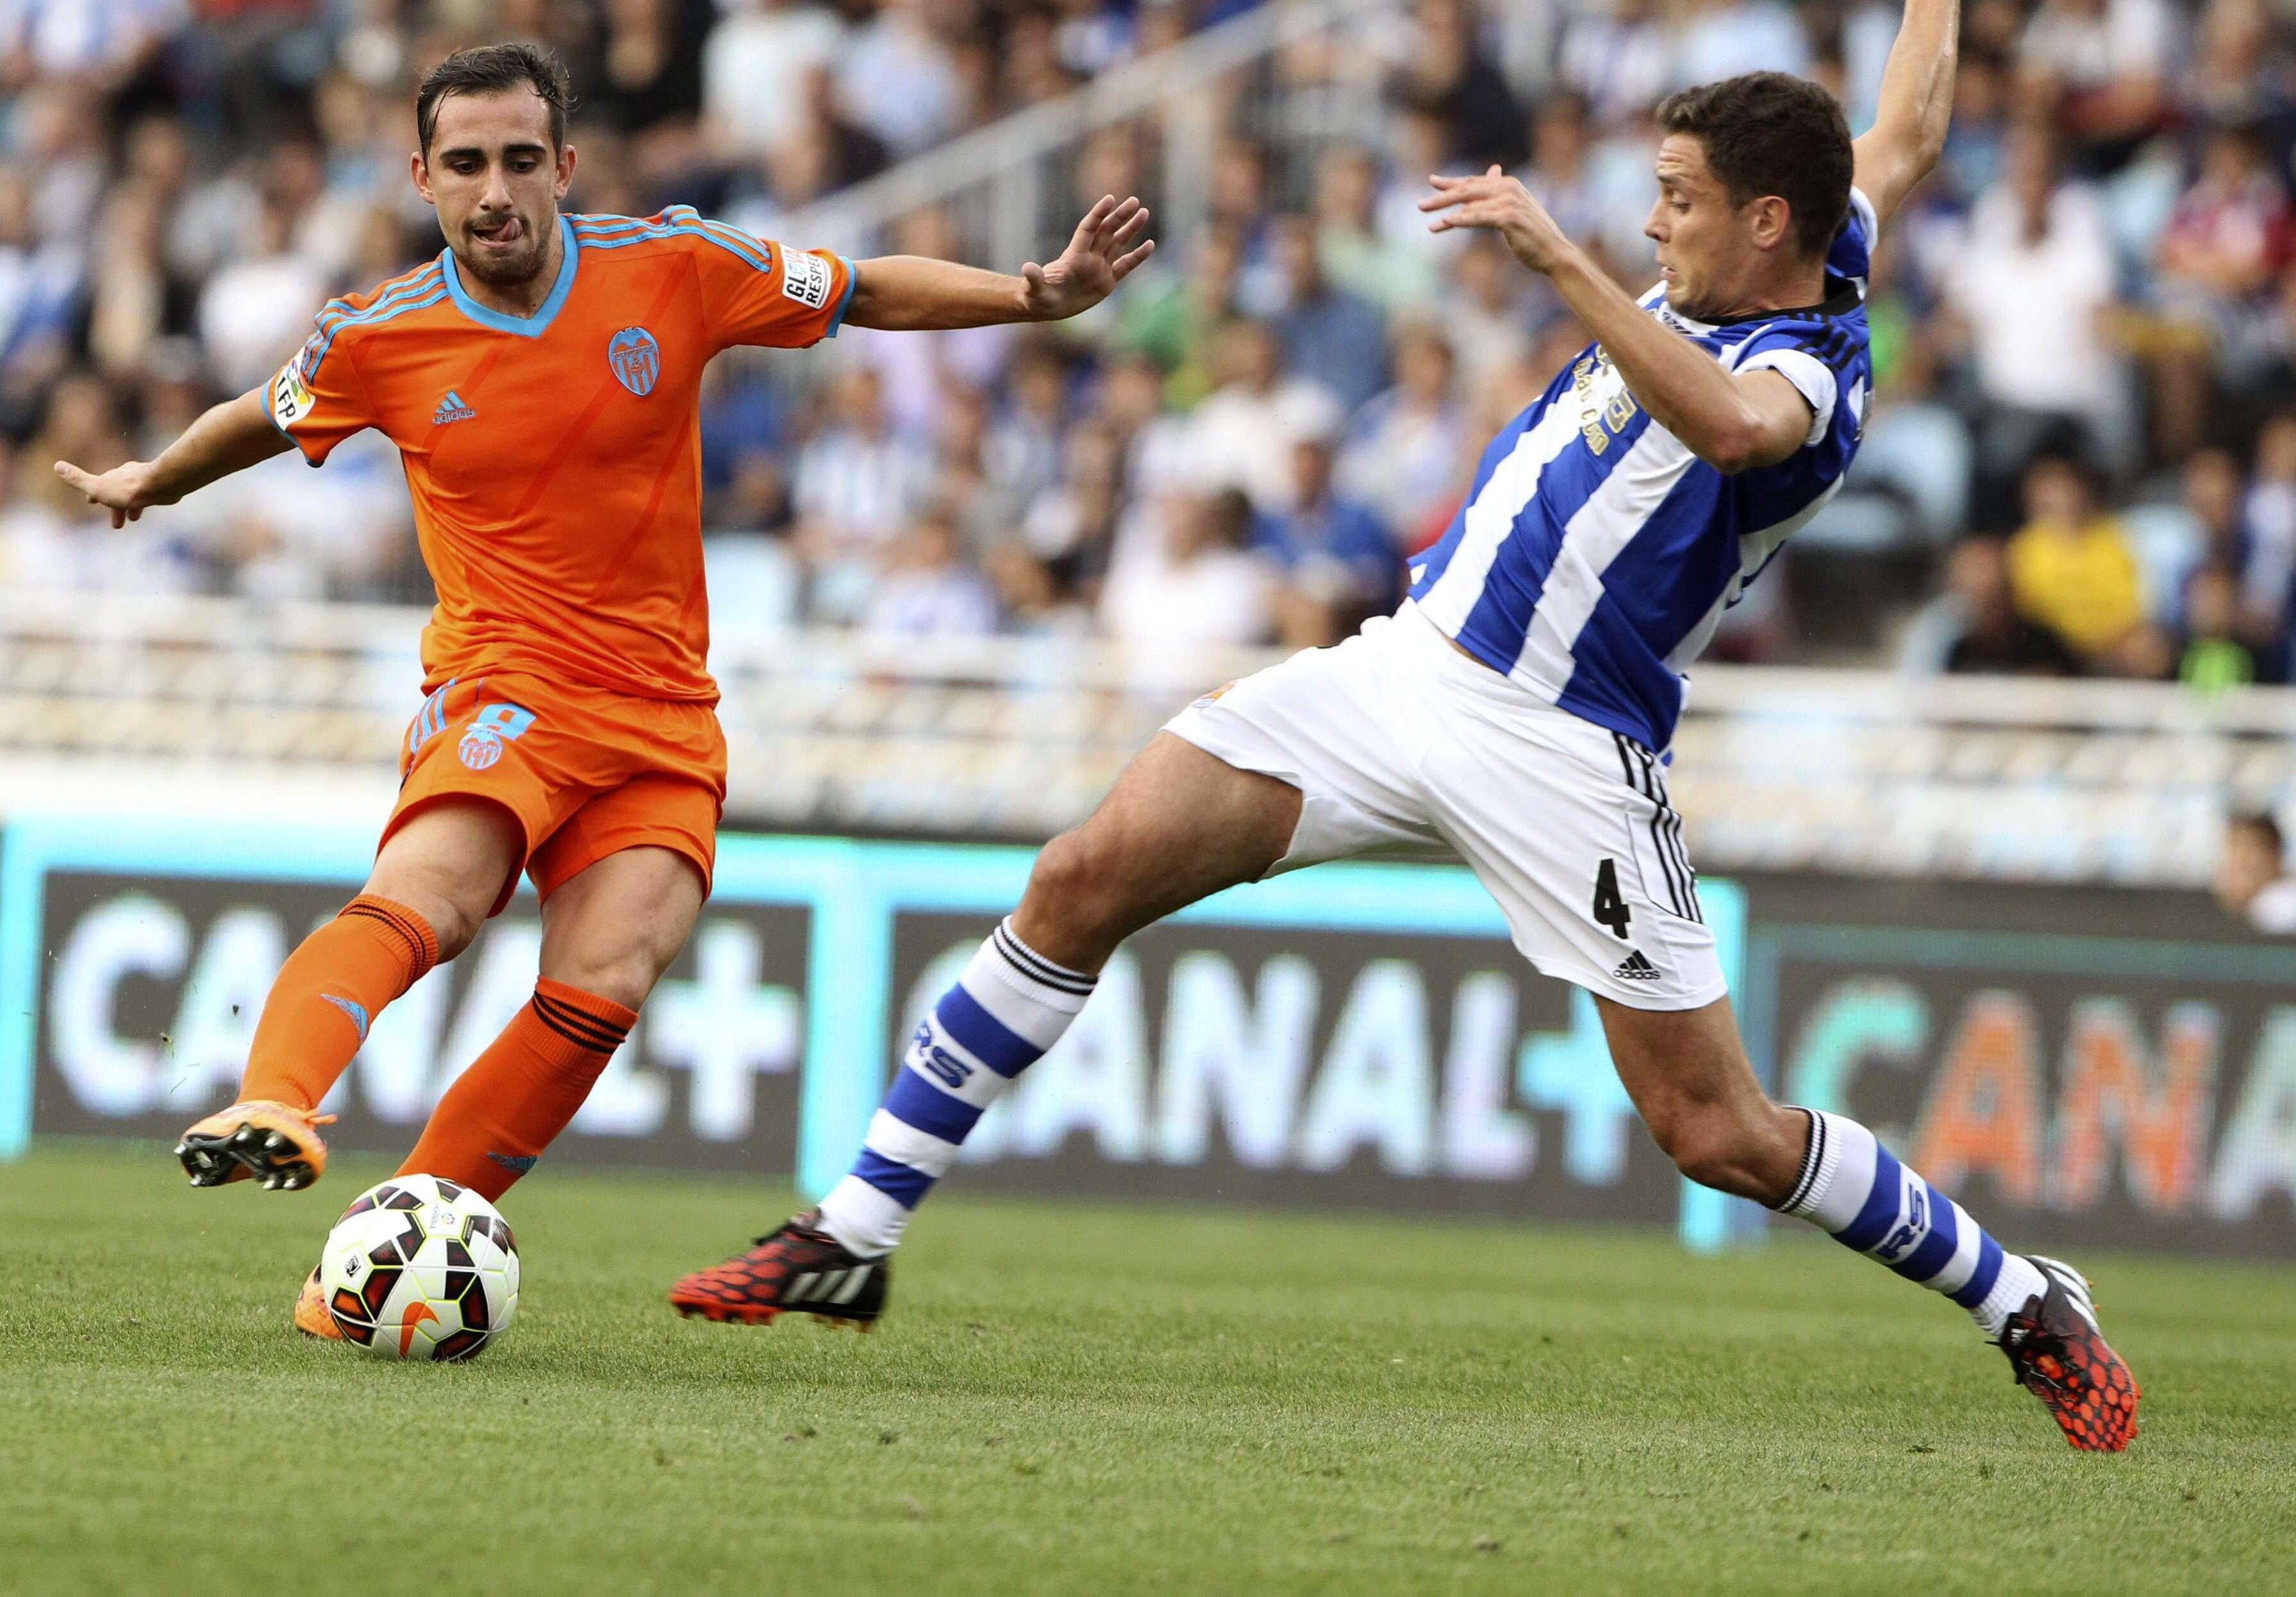 Real Sociedad - Valencia (Jornada 6). Foto: EFE en español